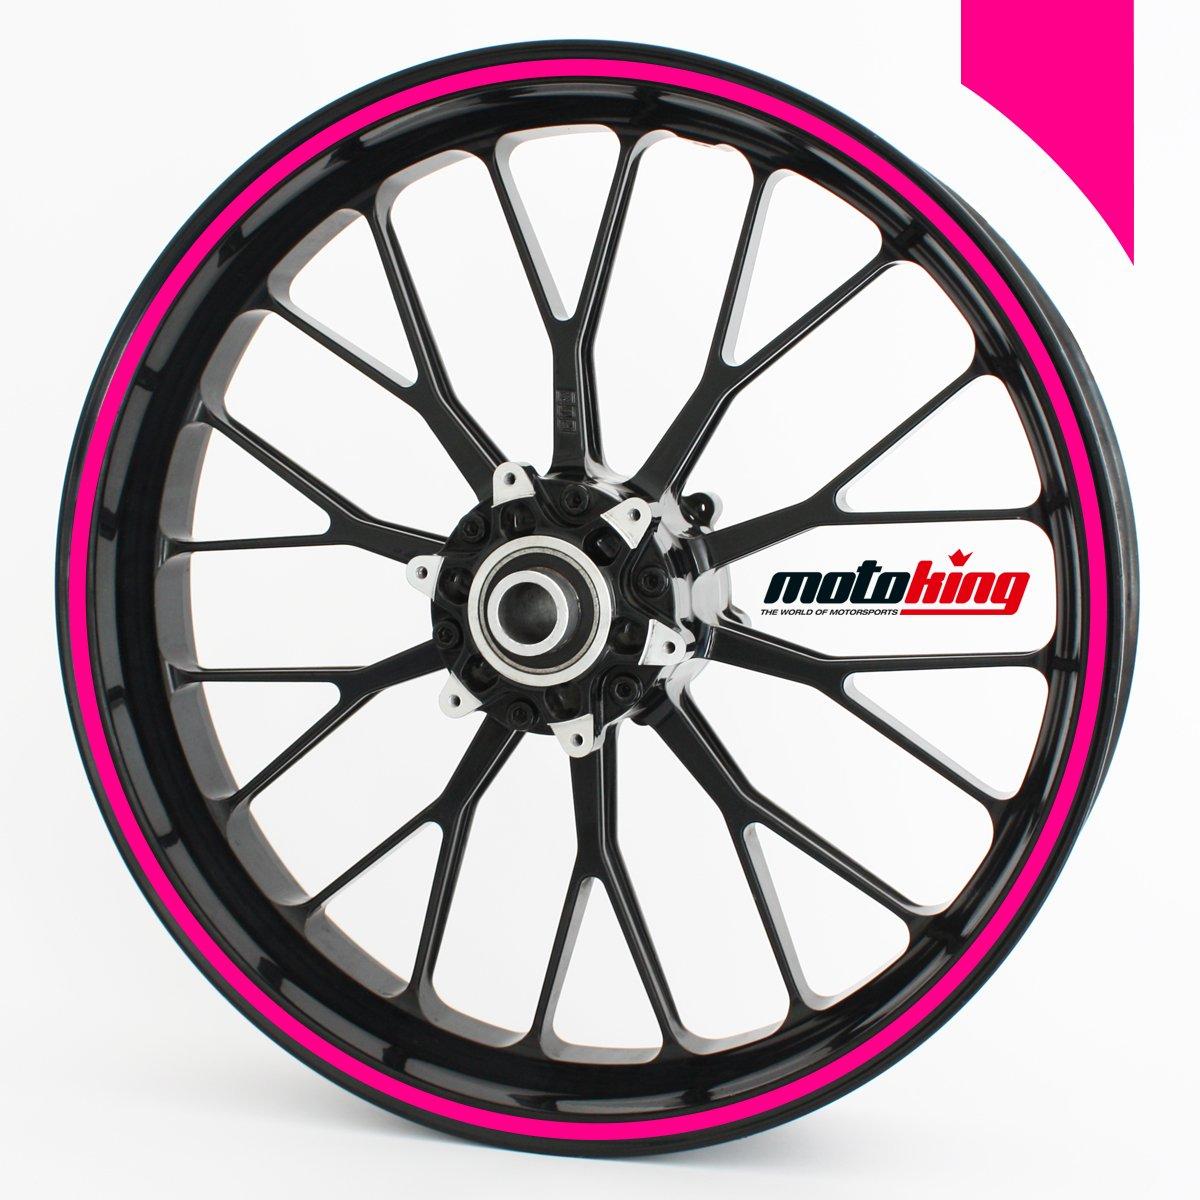 Adhesivos Motoking para llantas 360 °, colores de neón/rueda completa/desde 15 hasta 18/color y ancho opcionales Wandkings